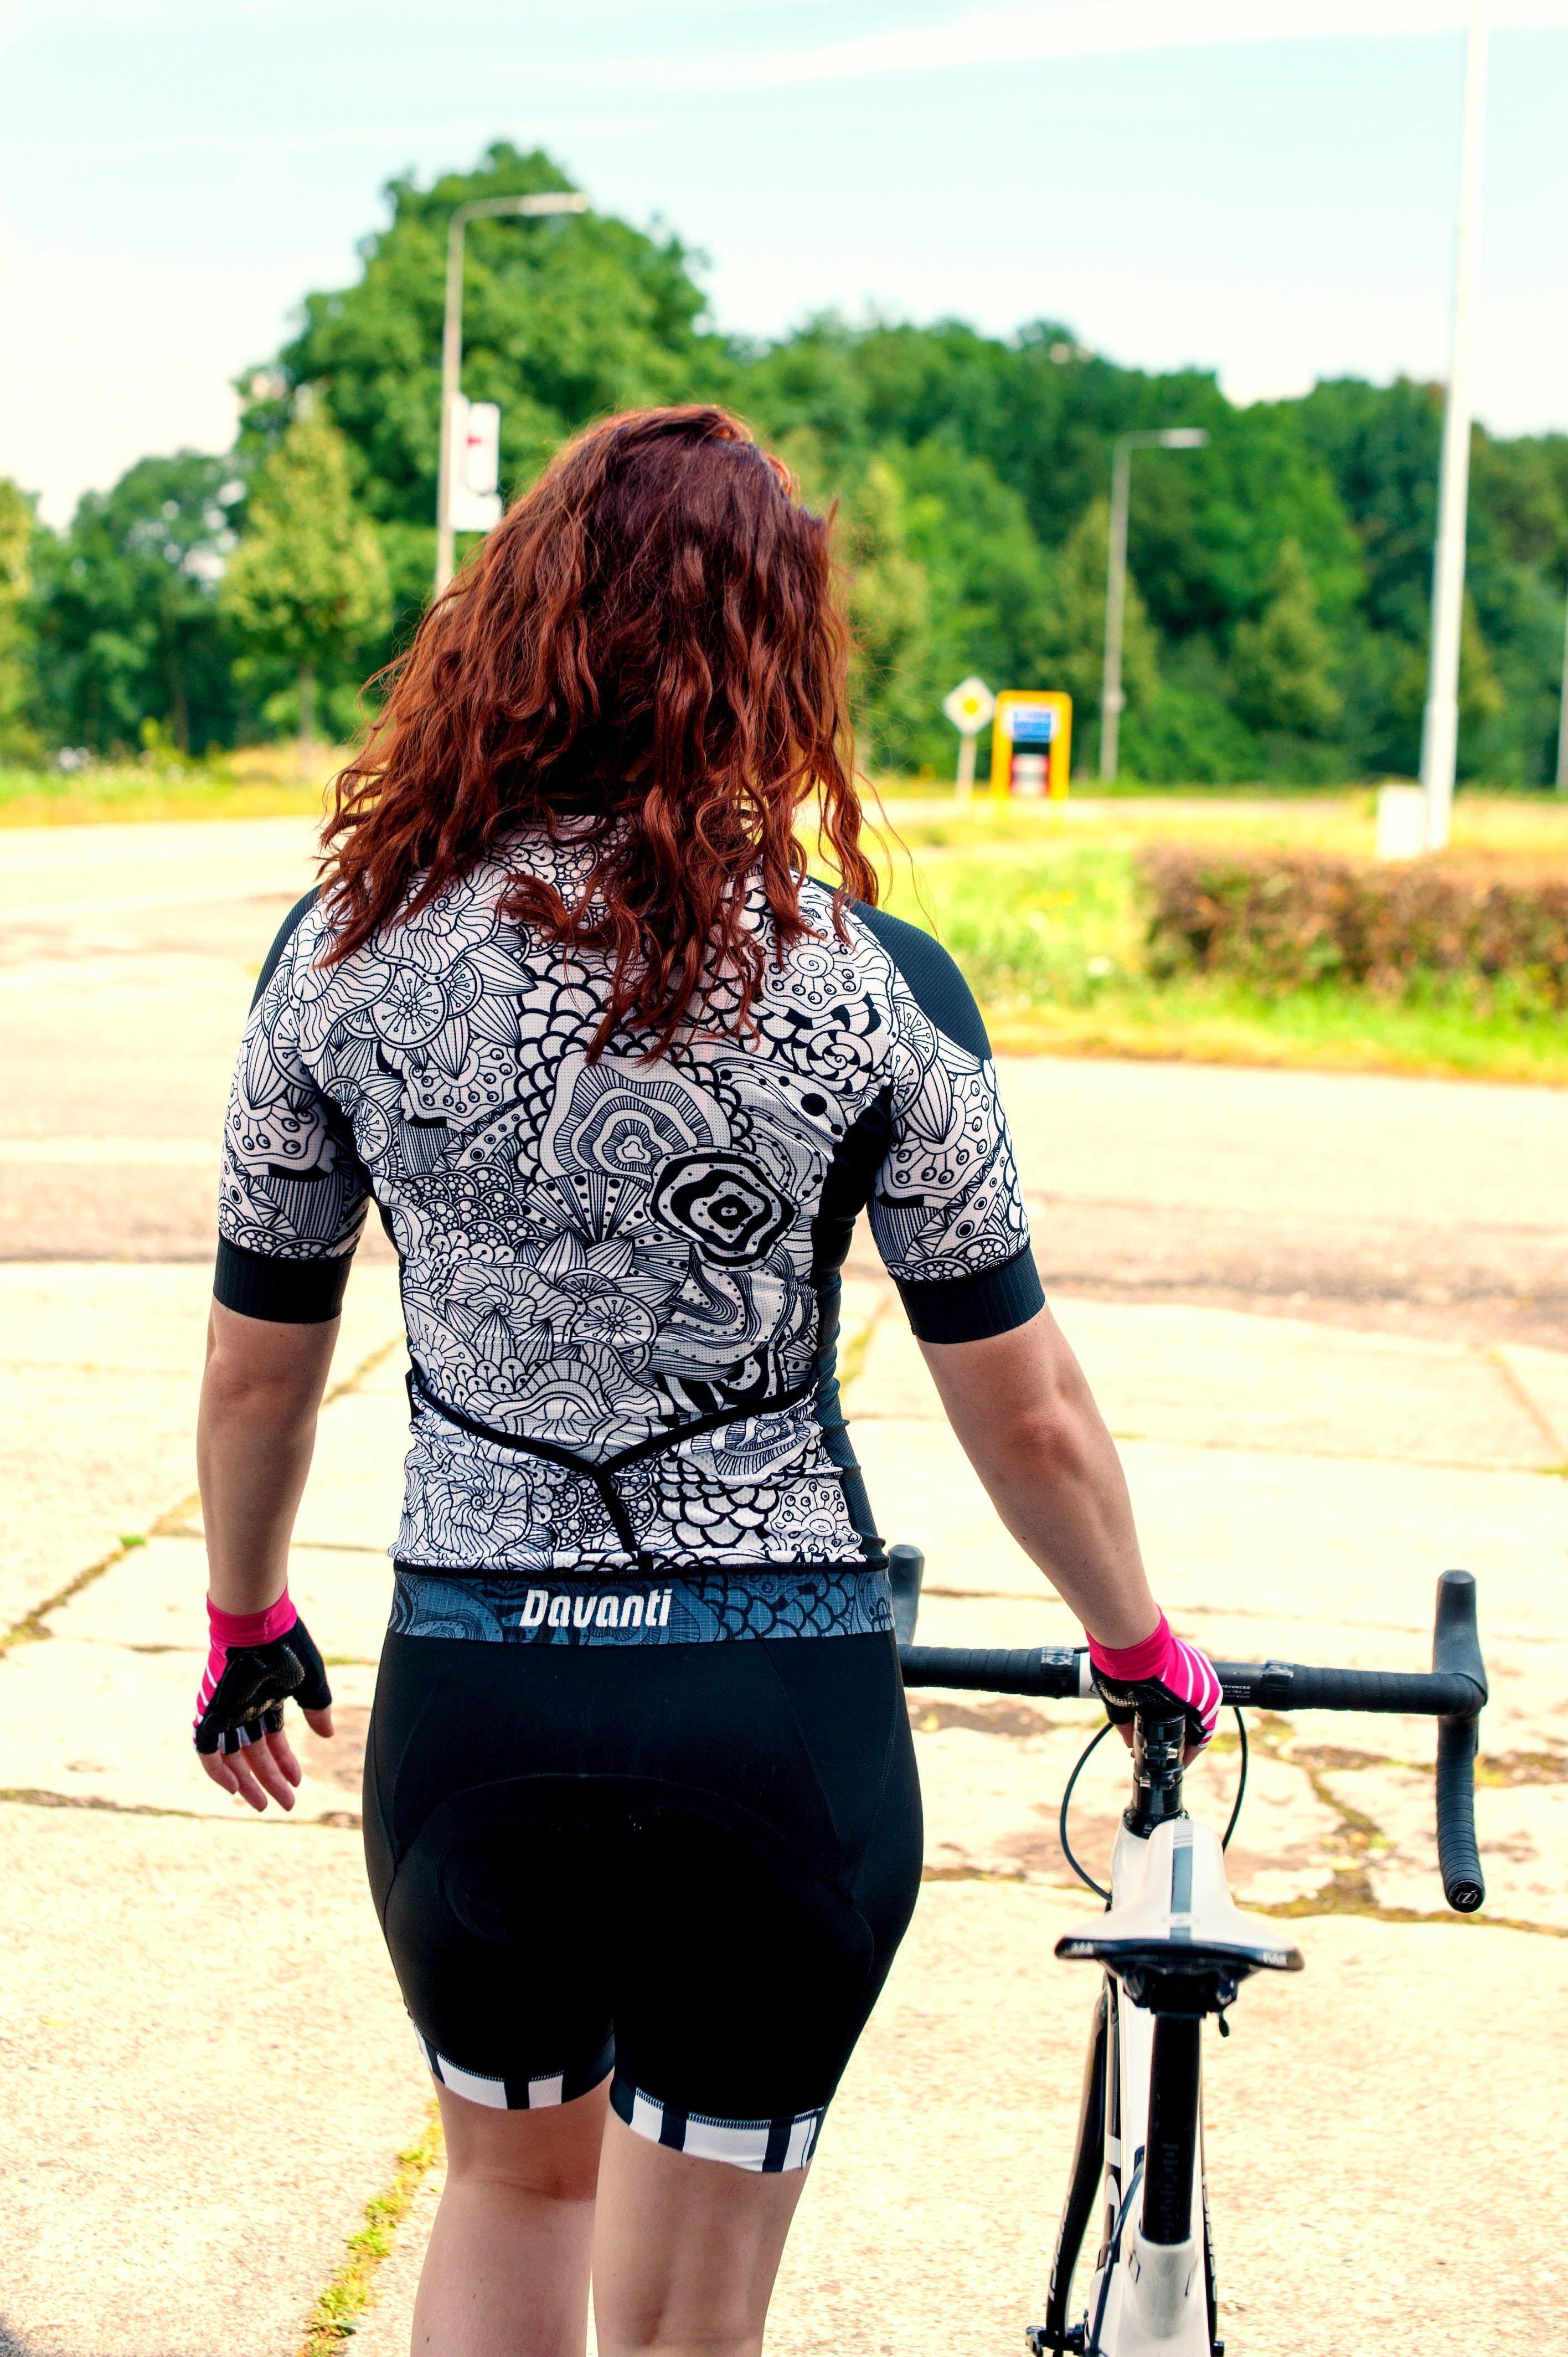 Davanti bikewear Dames Fietsshirt